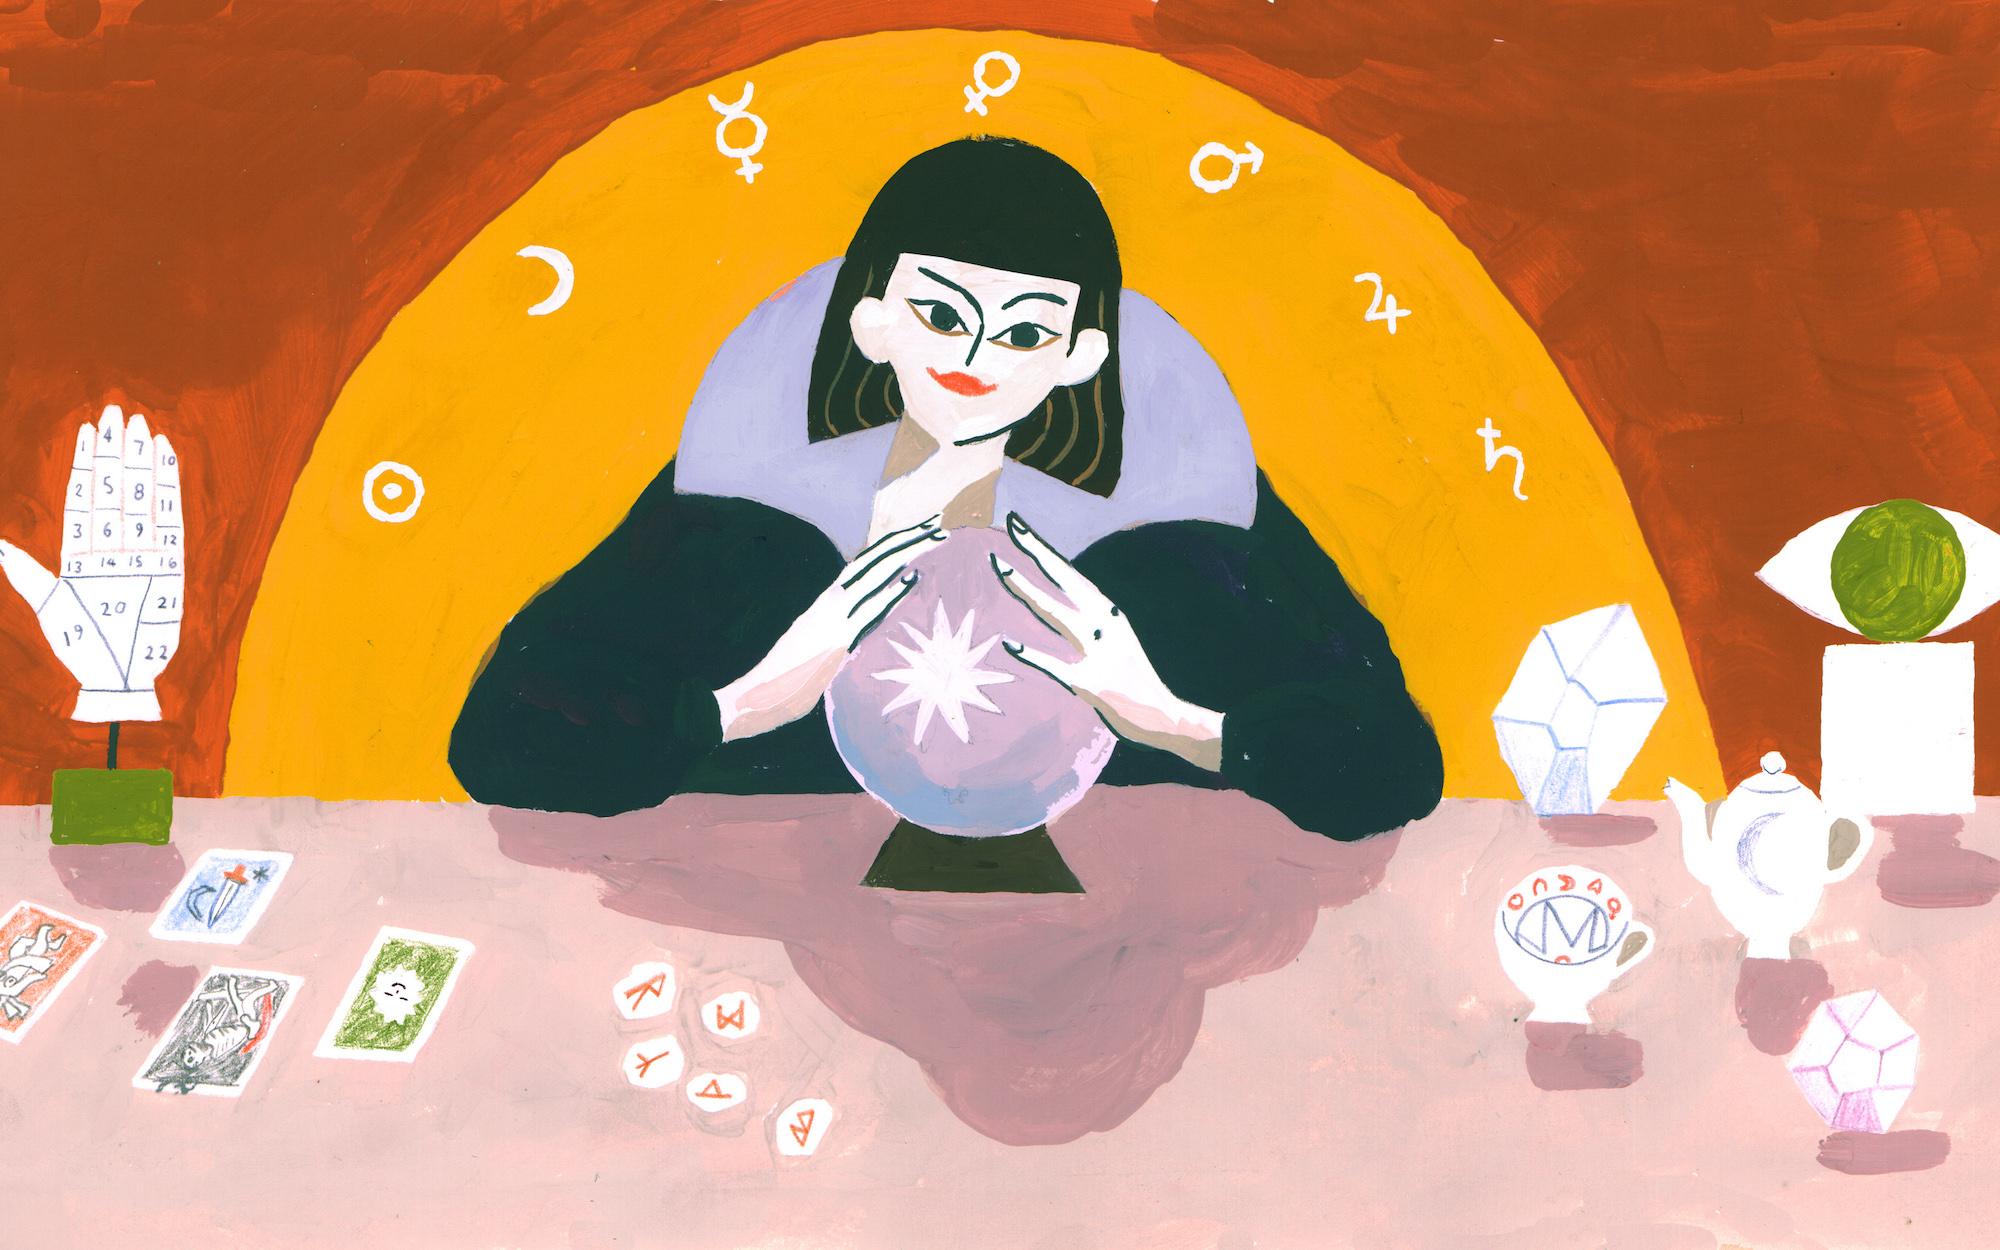 Warum hassen so viele Hetero-Männer Horoskope?